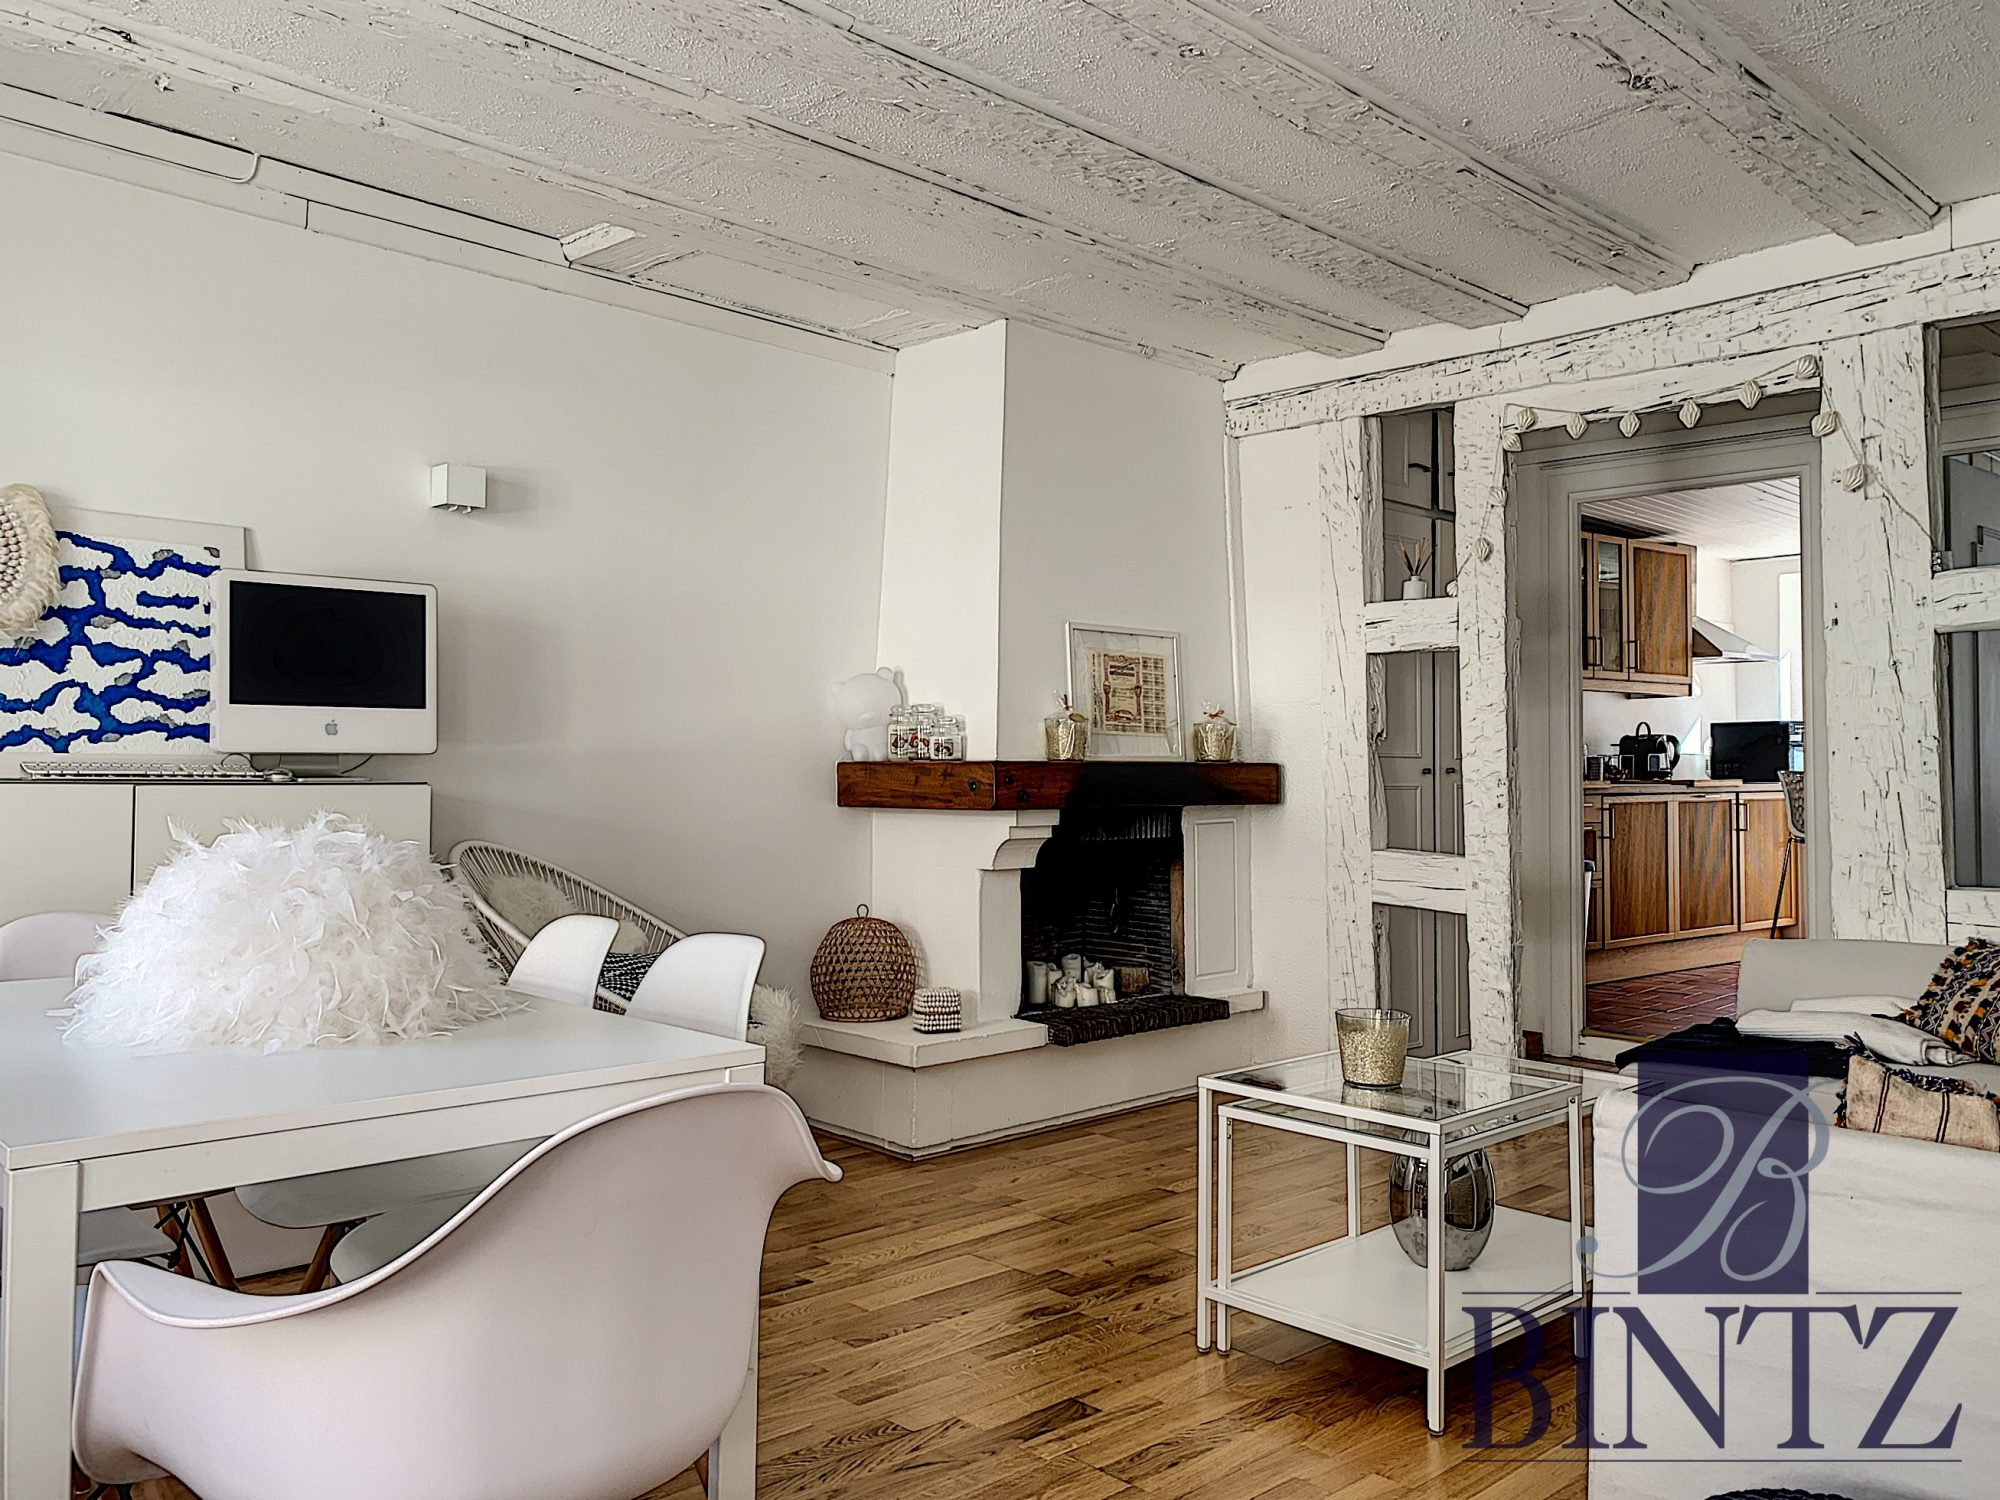 Appartement meublé 2 pièces hyper-centre - Devenez locataire en toute sérénité - Bintz Immobilier - 1